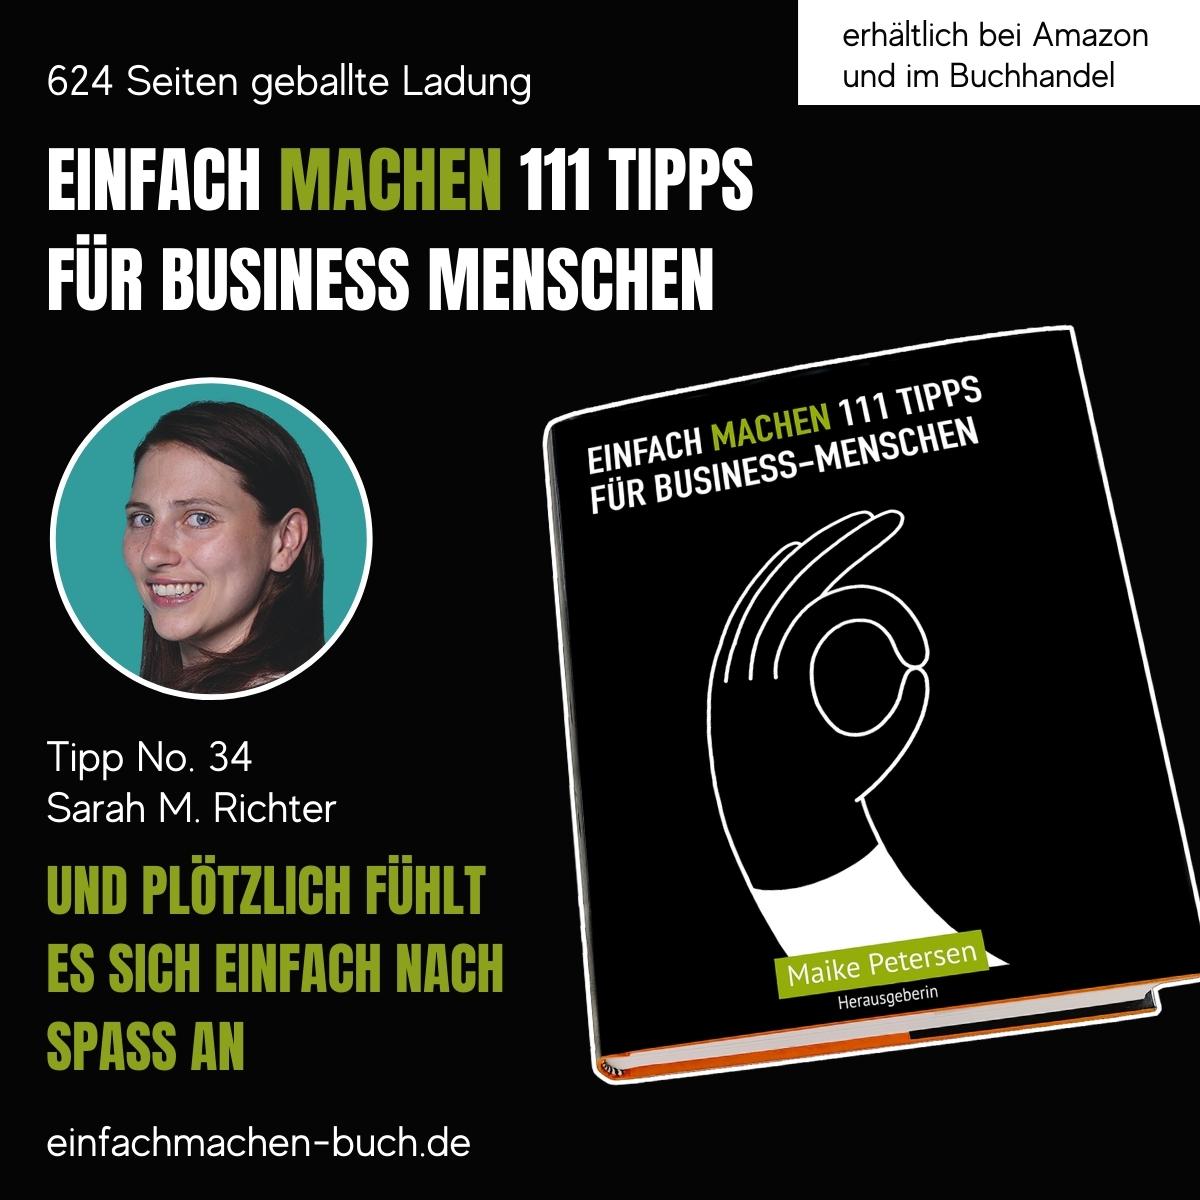 EINFACH MACHEN 111 TIPPS FÜR BUSINESS-MENSCHEN   Tipp No. 34 Sarah M. Richter